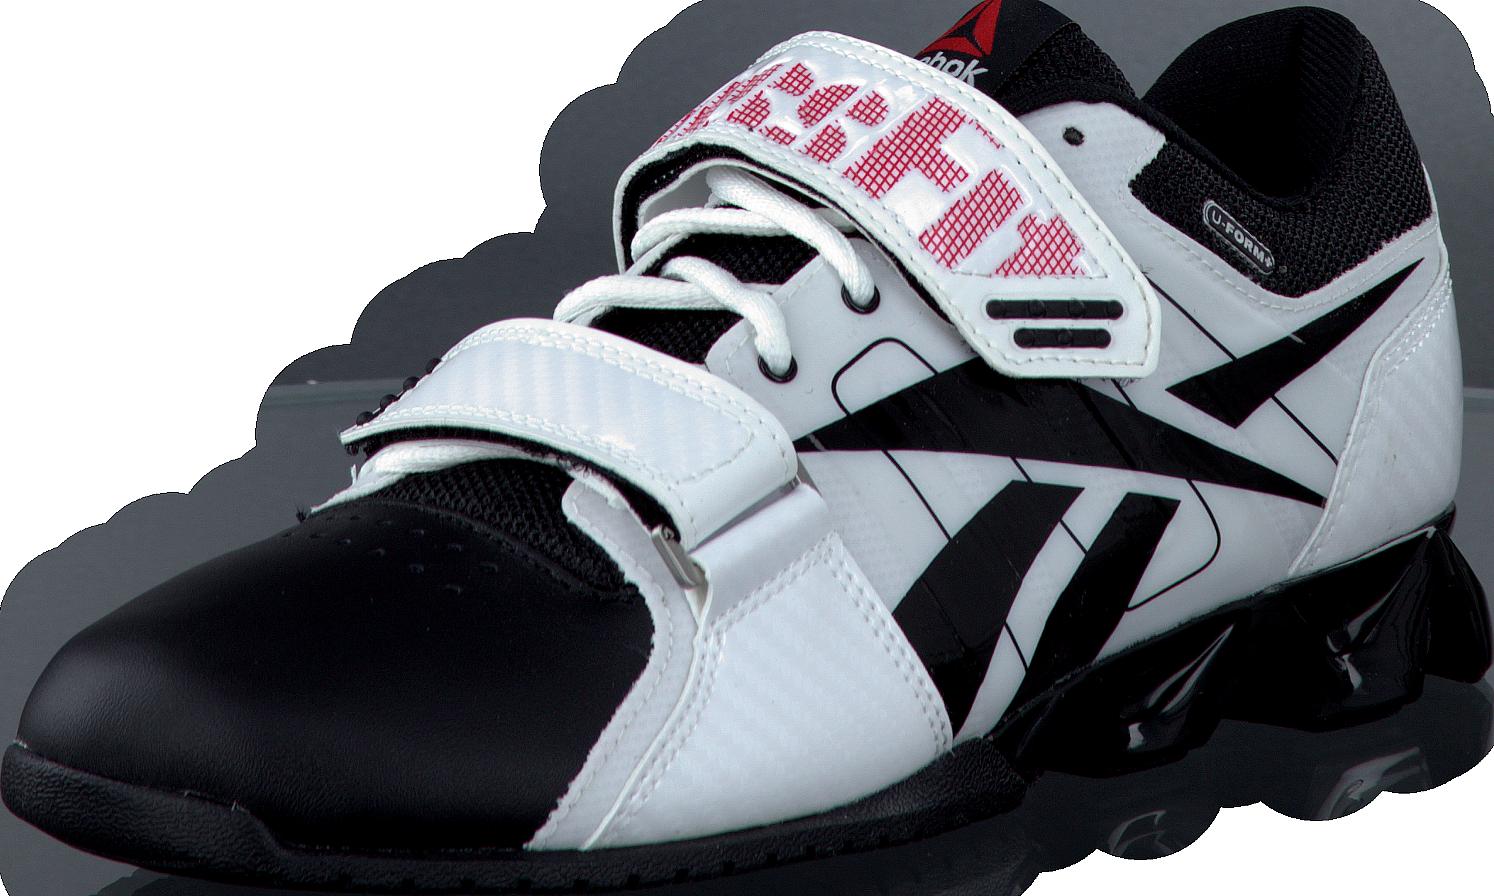 4a59516a6 Best pris på Nike løftesko - Se priser før kjøp i Prisguiden